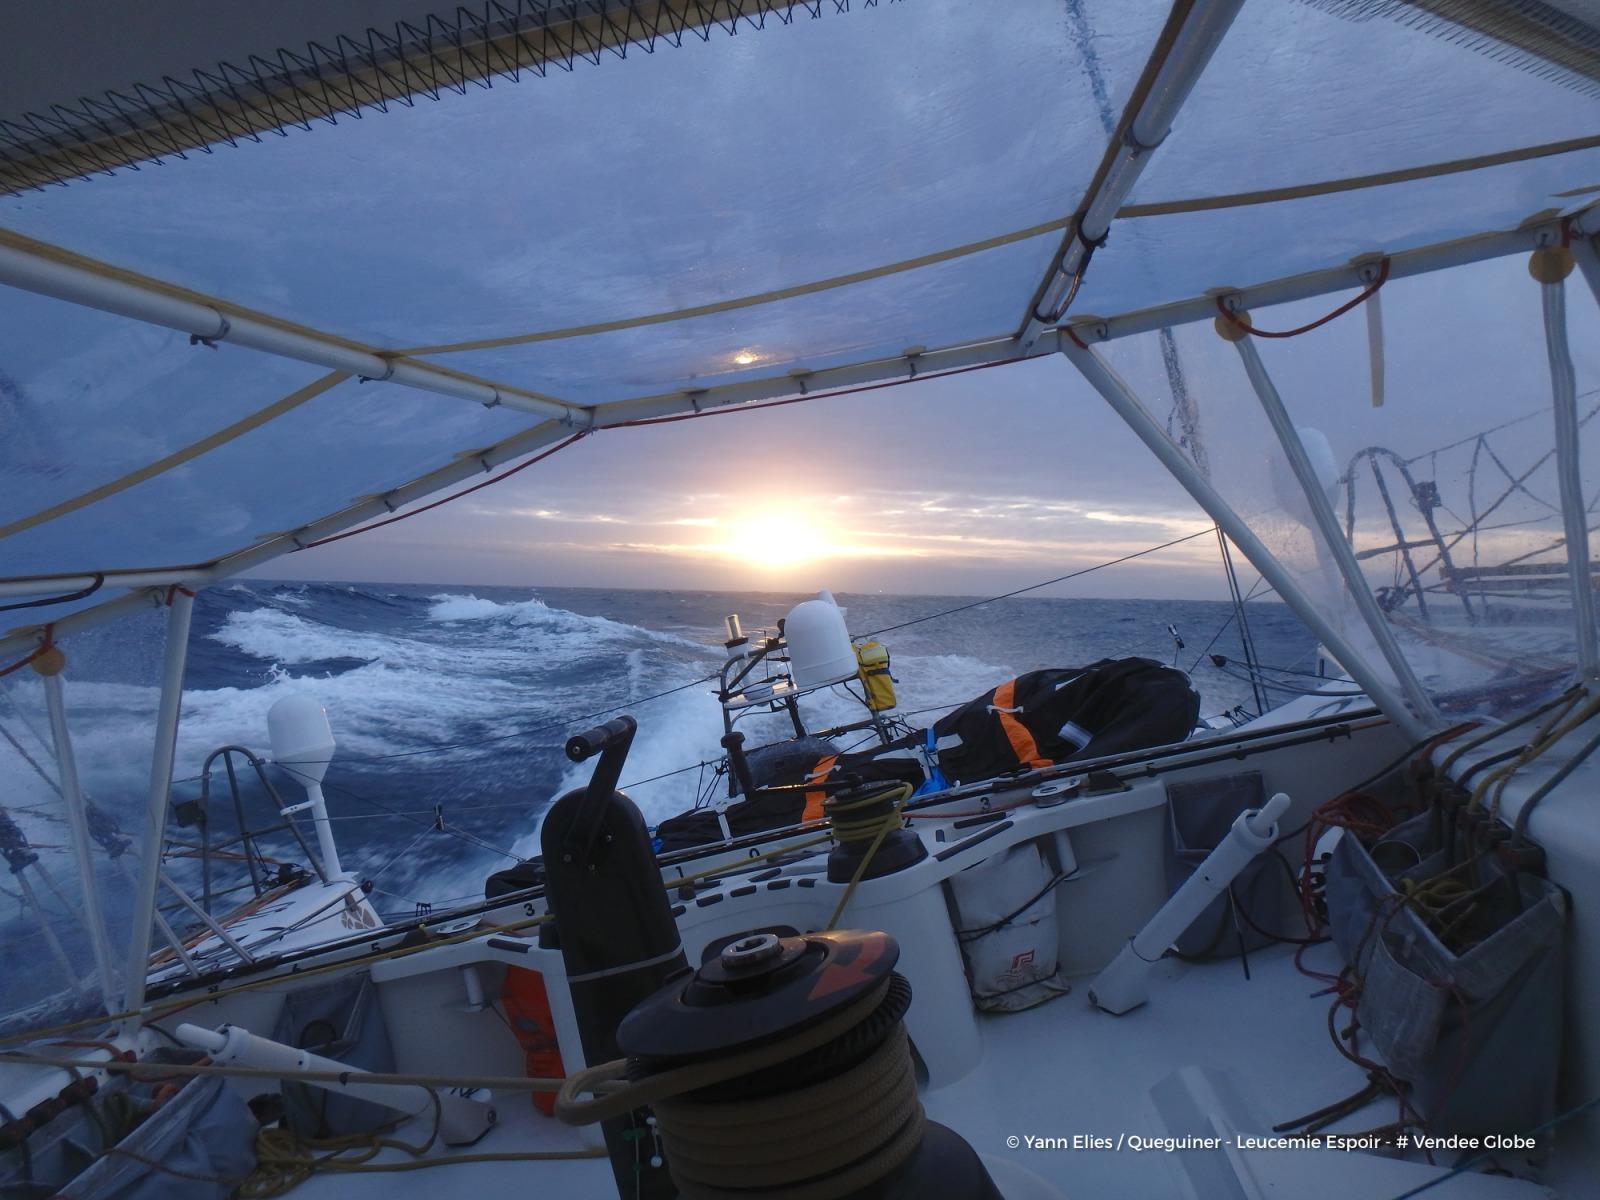 StMichel-Virbac est entré dans la zone interdite des glaces